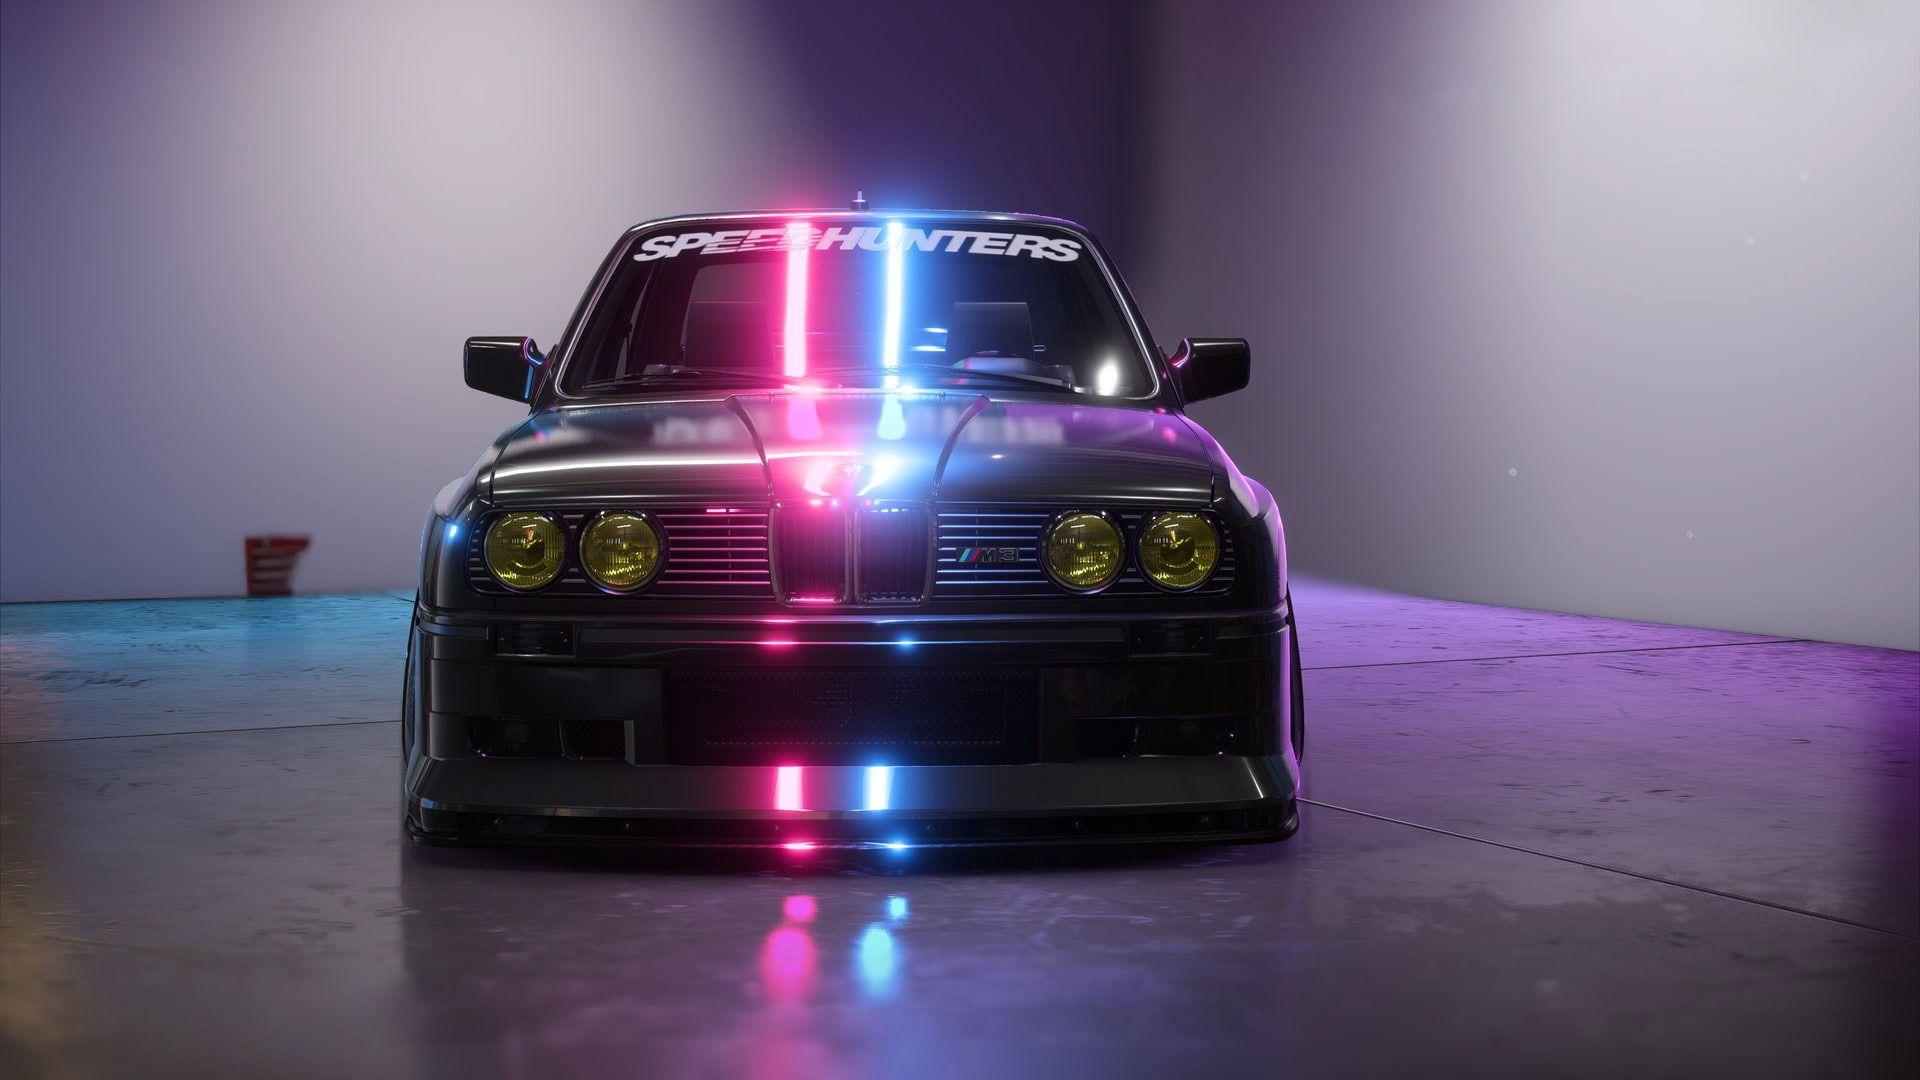 Bmw M3 Wallpaper Car Neon Vehicle Speedhunters In 2021 Bmw M3 Wallpaper M3 Wallpaper Bmw M3